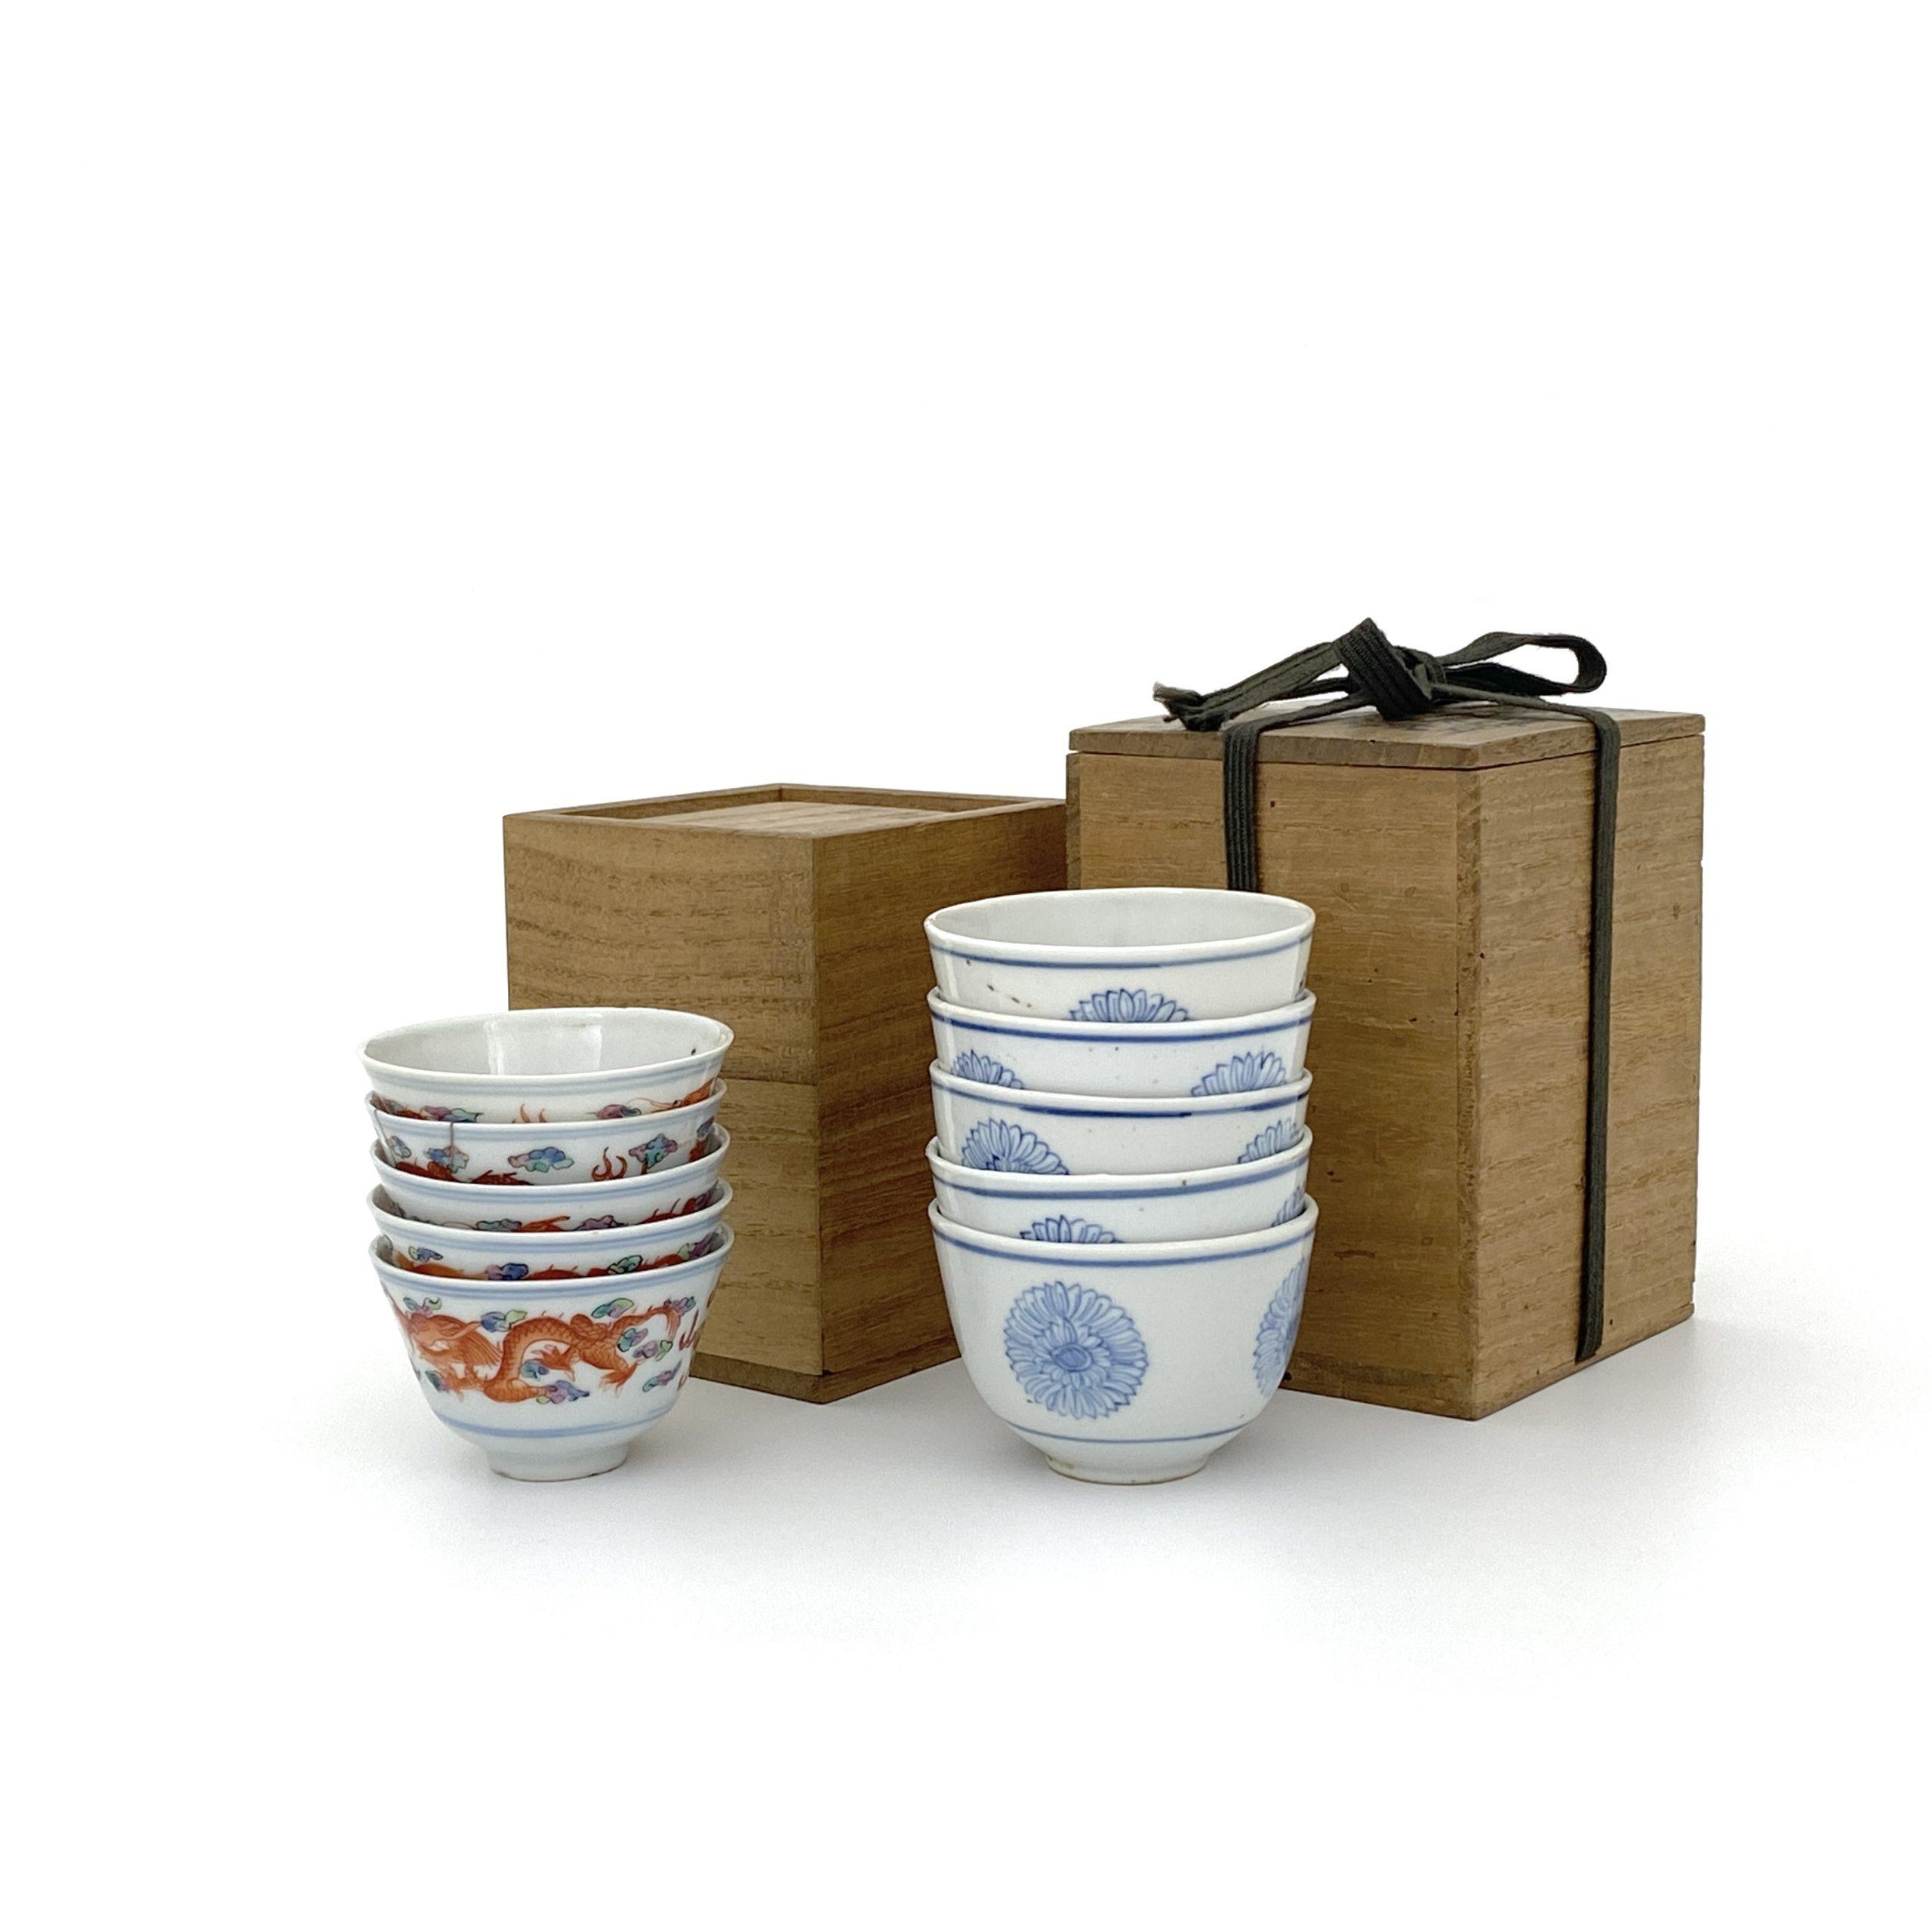 30128粉彩 龍紋 煎茶碗等 計2種